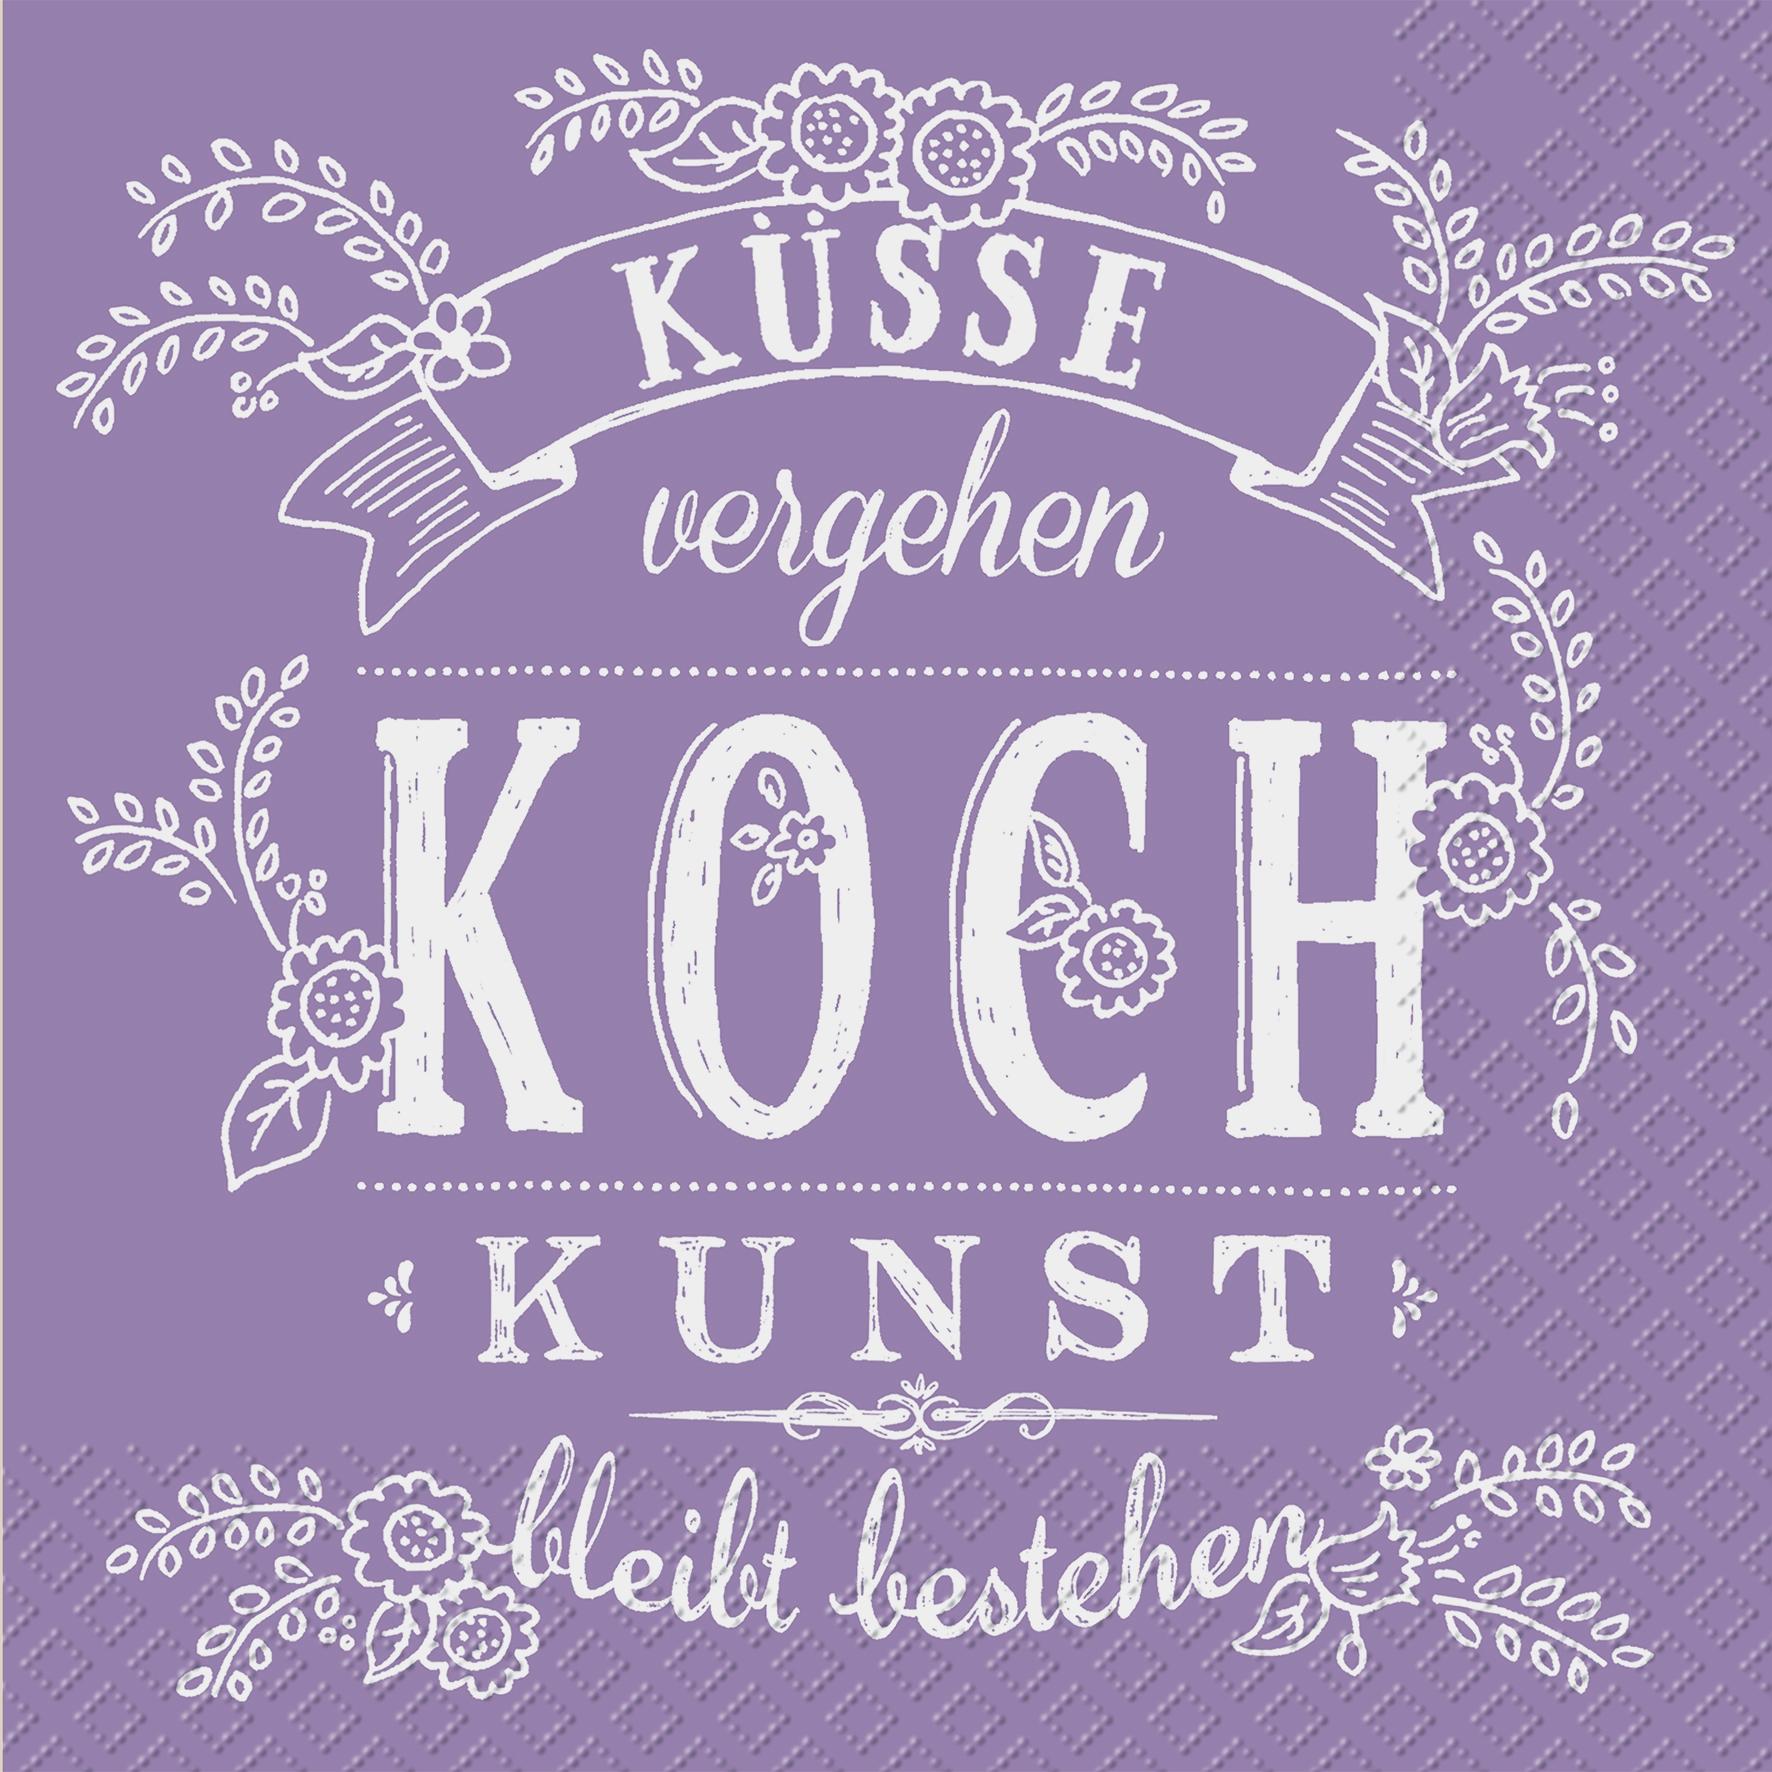 Lunch Servietten Katharina,  Sonstiges - Schriften,  Essen -  Sonstiges,  Everyday,  lunchservietten,  Schriften